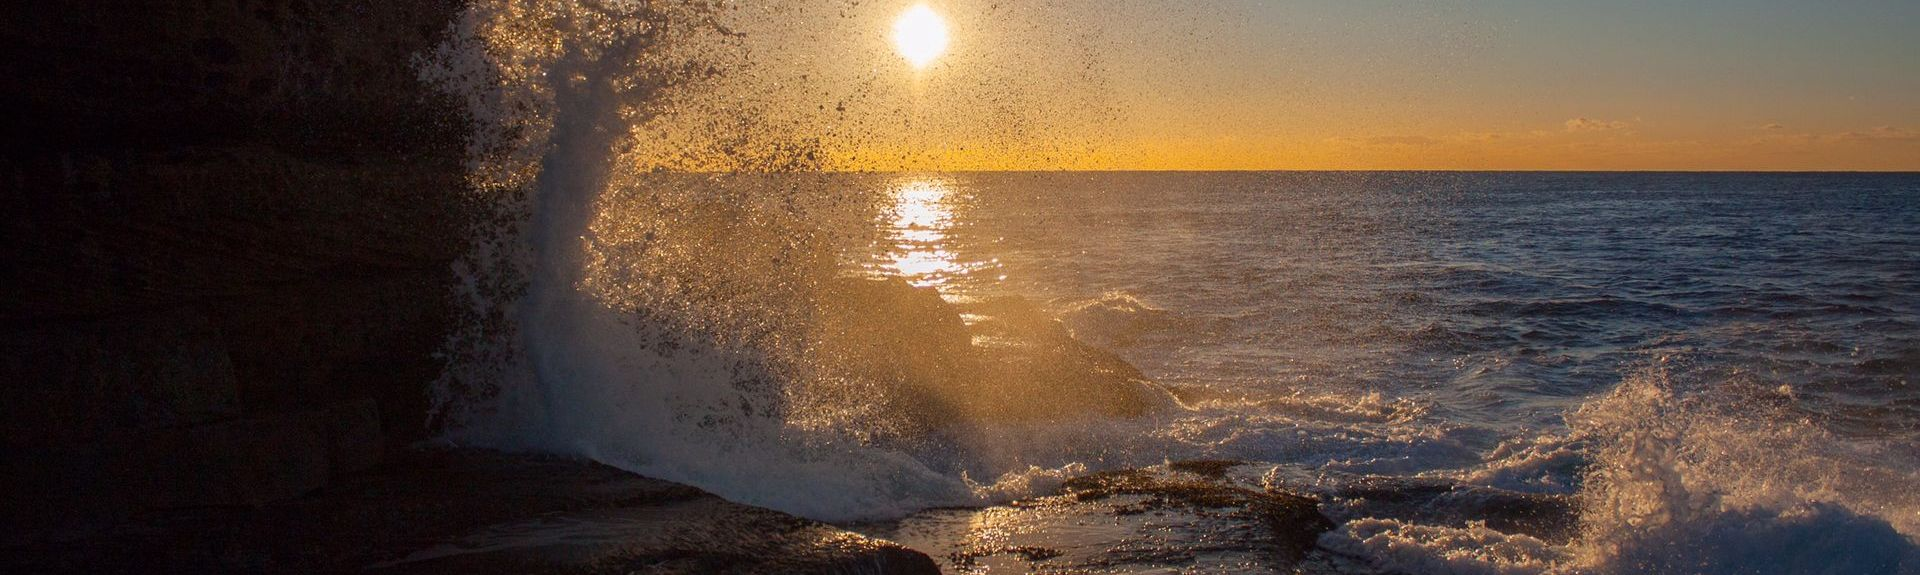 Elizabeth Bay, Nouvelle-Galles-du-Sud, Australie